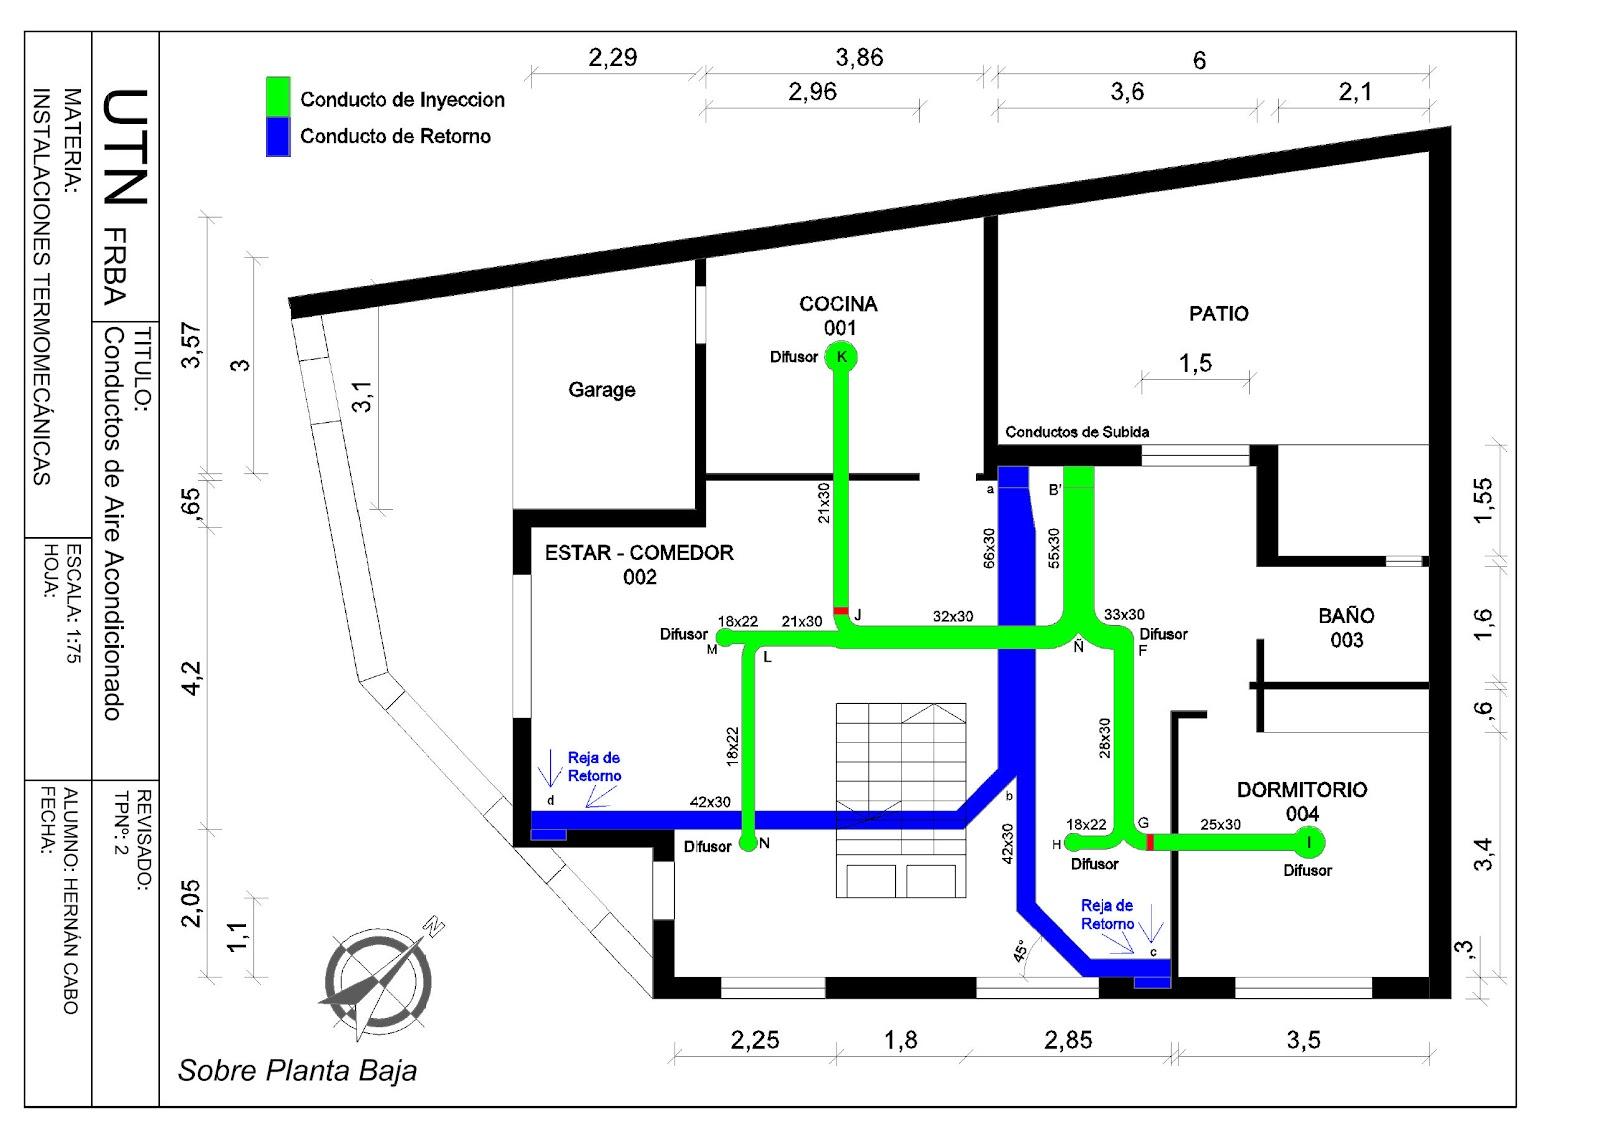 Dormitorio muebles modernos instalacion aire for Aire acondicionado conductos